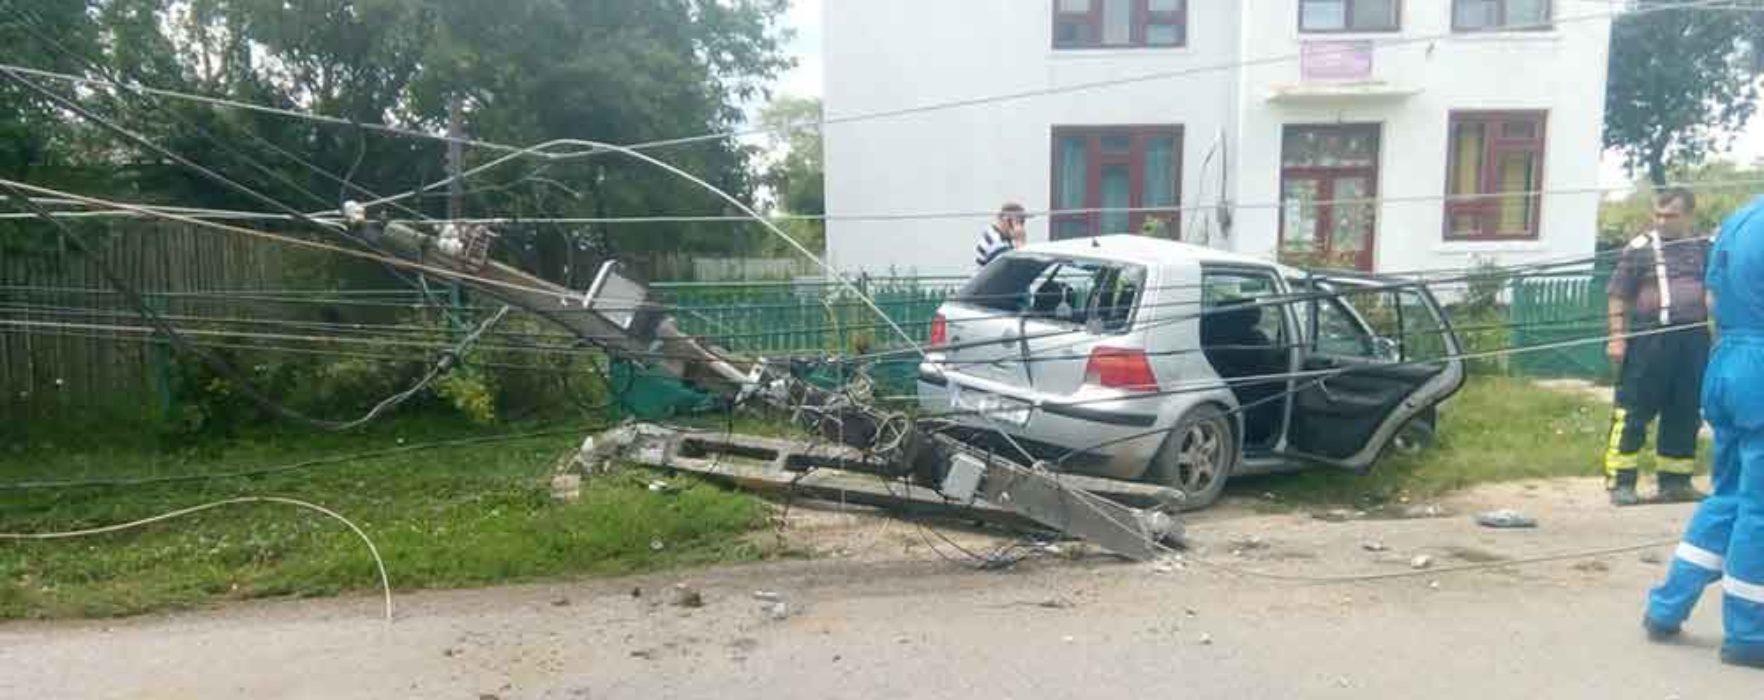 Dâmboviţa: Accident produs de o maşină condusă de un minor; un copil de 15 ani rănit